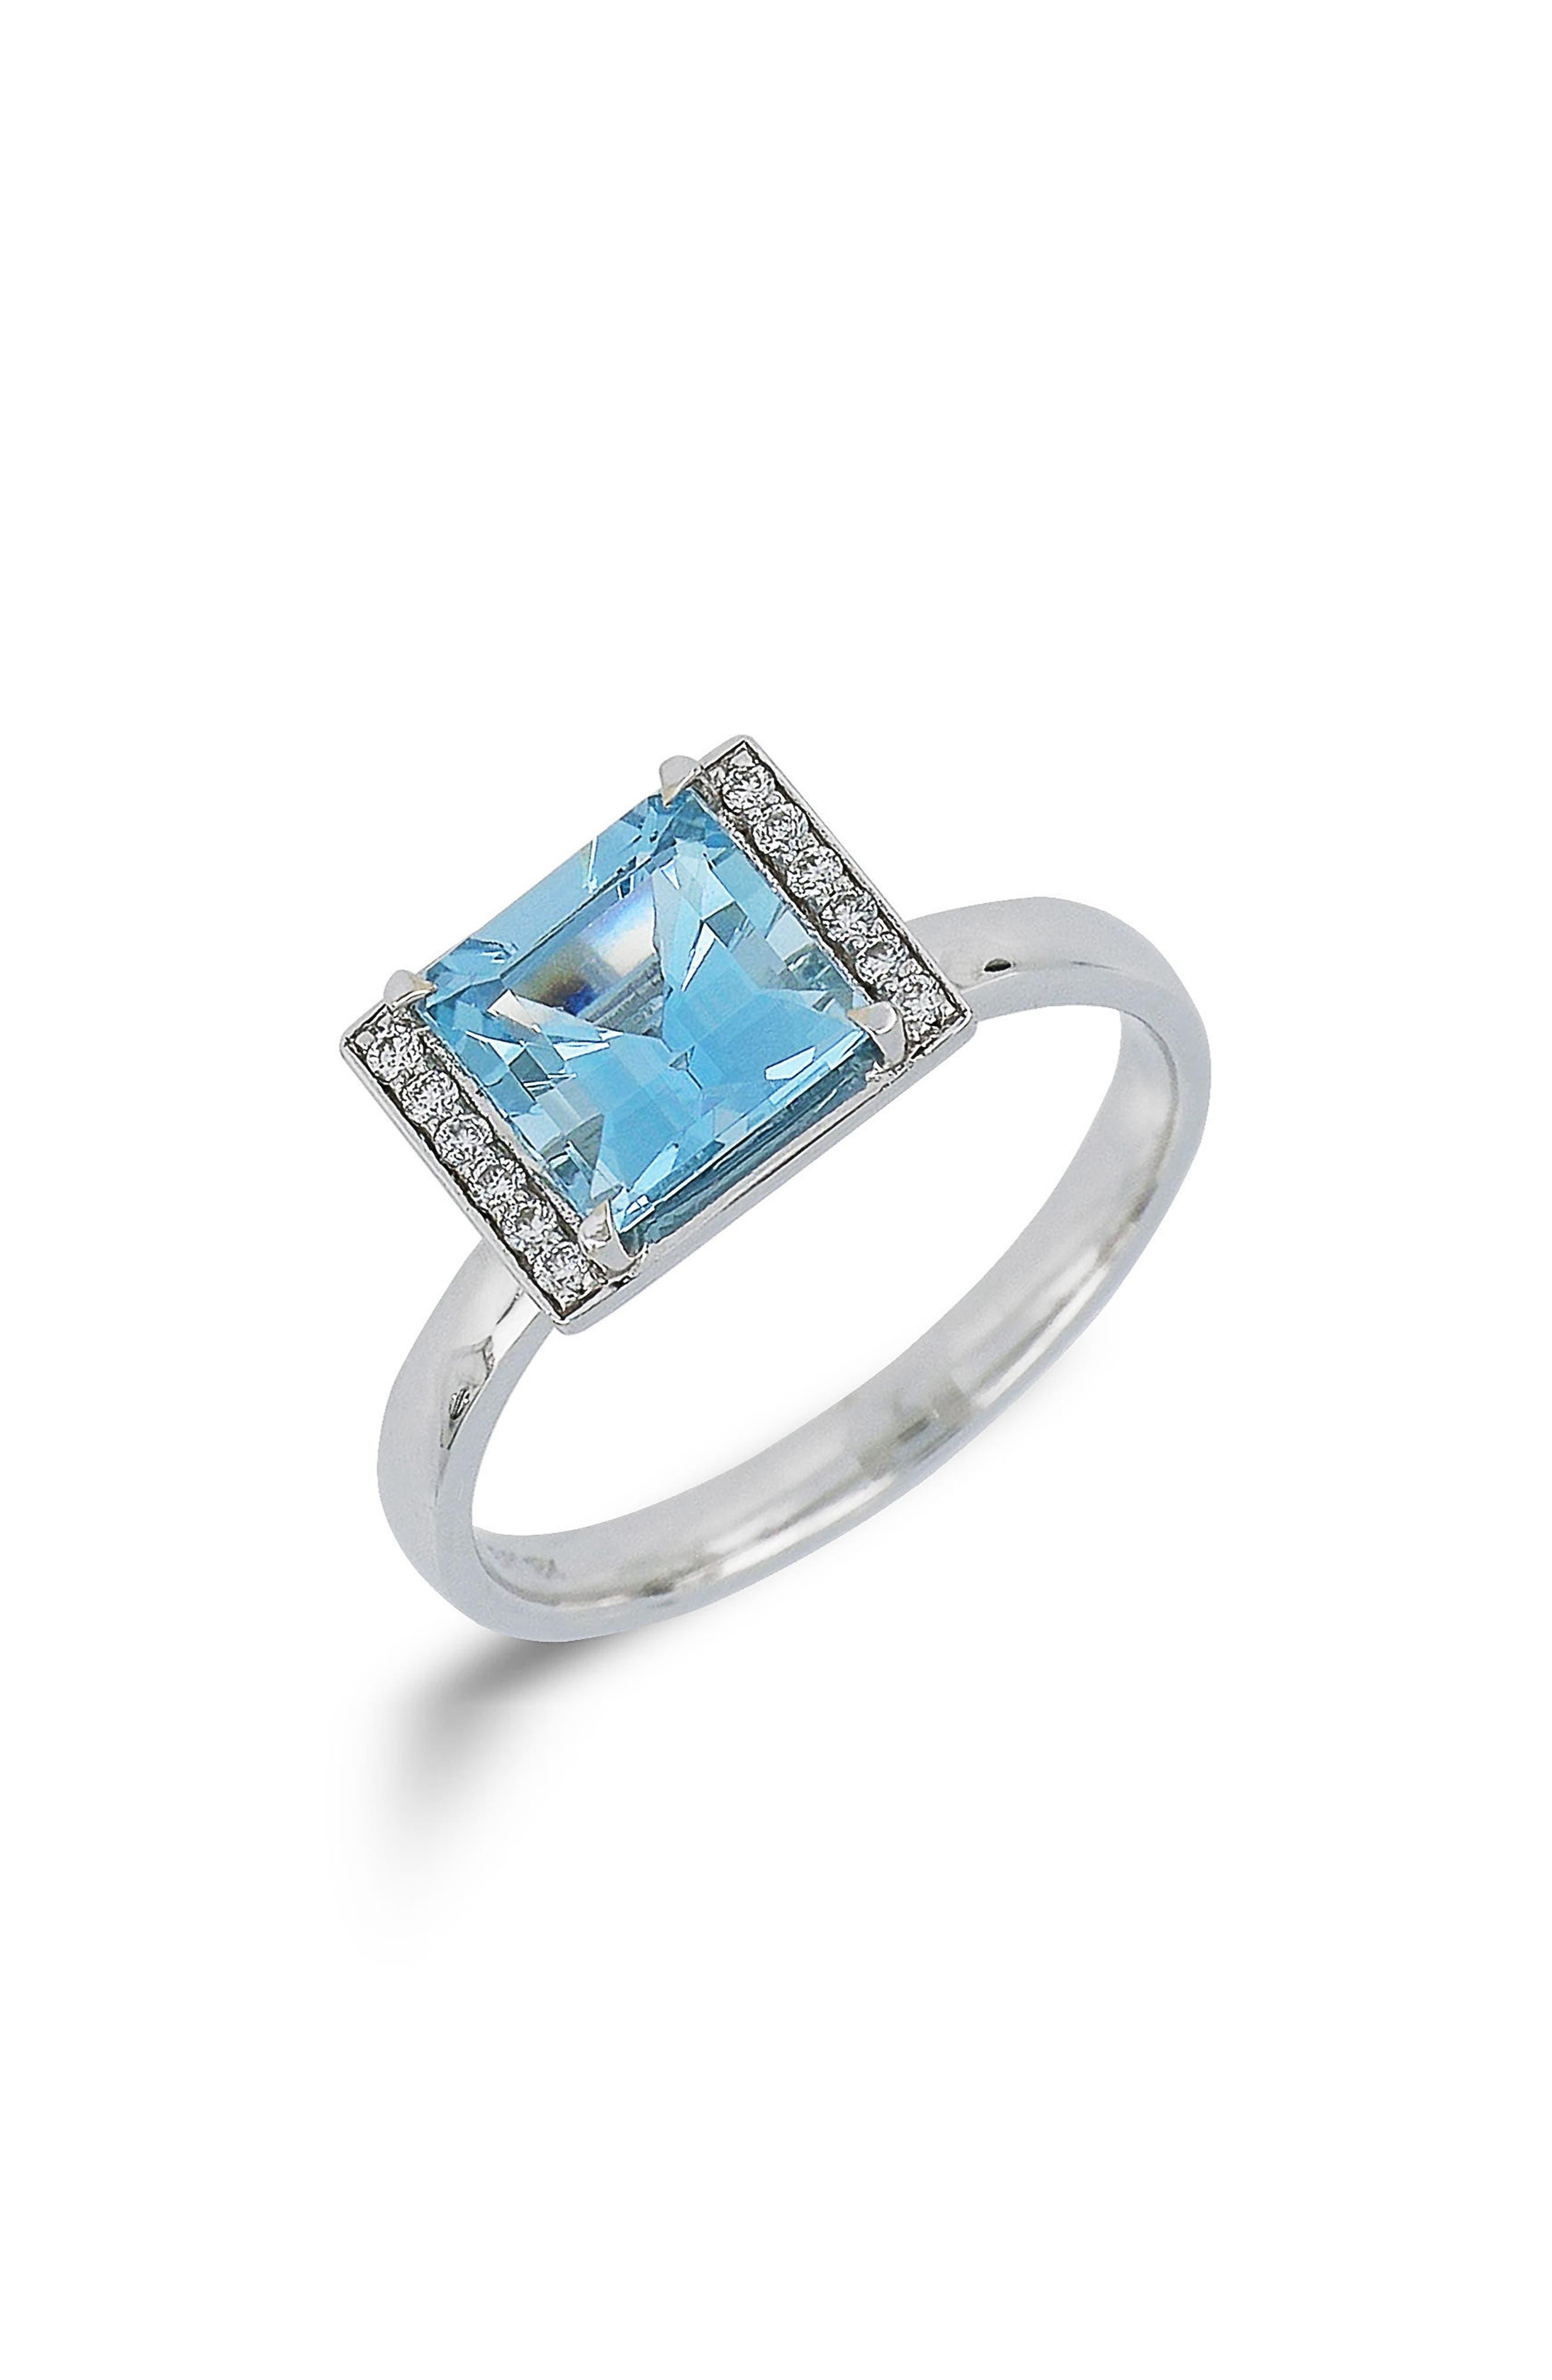 Square Aquamarine & Diamond Ring,                             Main thumbnail 1, color,                             White Gold